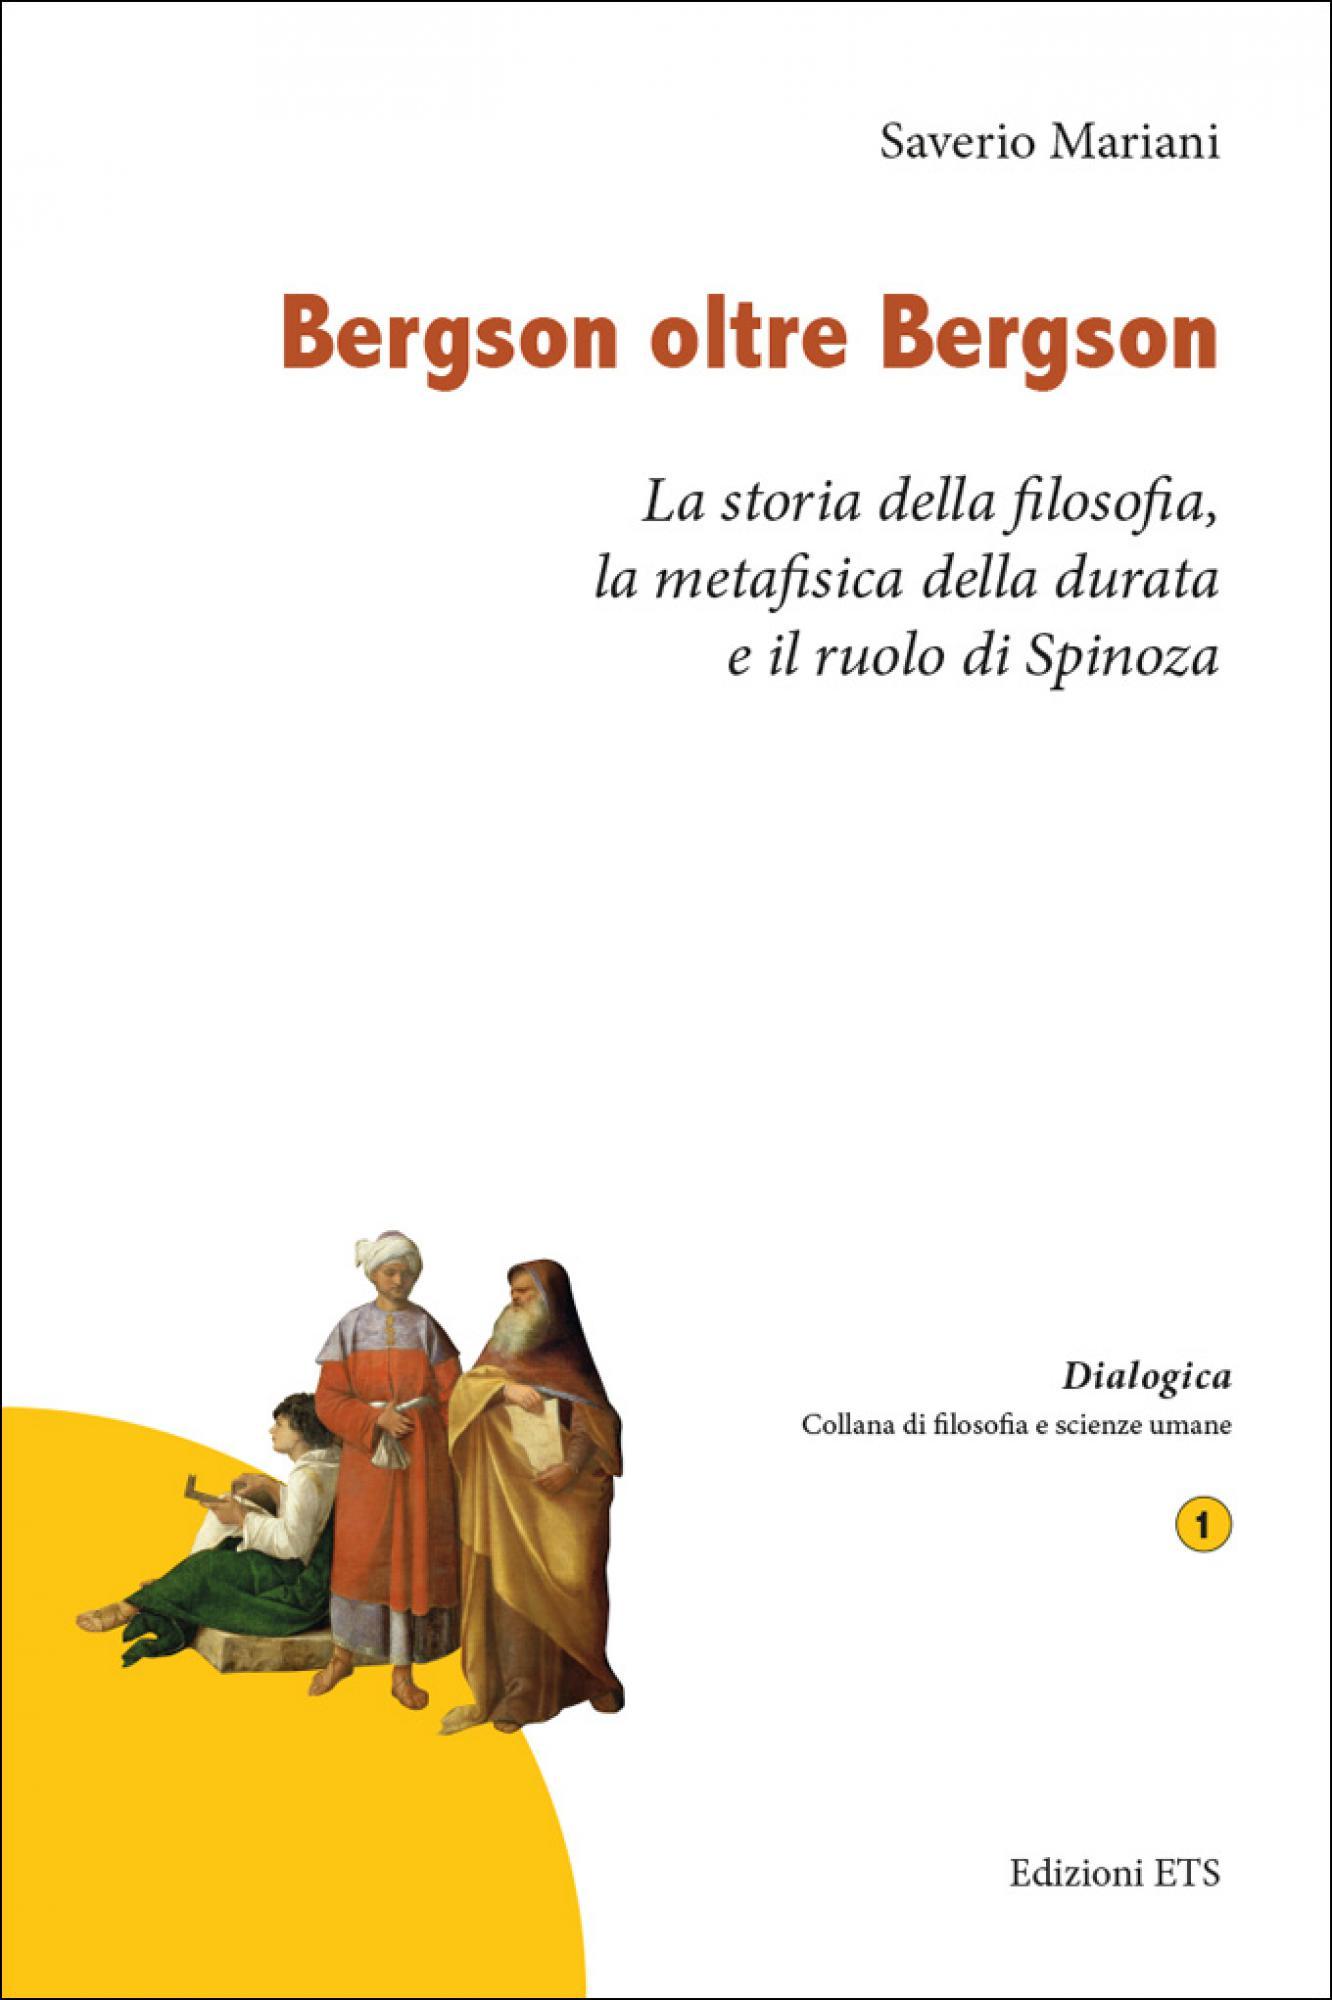 Bergson oltre Bergson.La storia della filosofia, la metafisica della durata e il ruolo di Spinoza